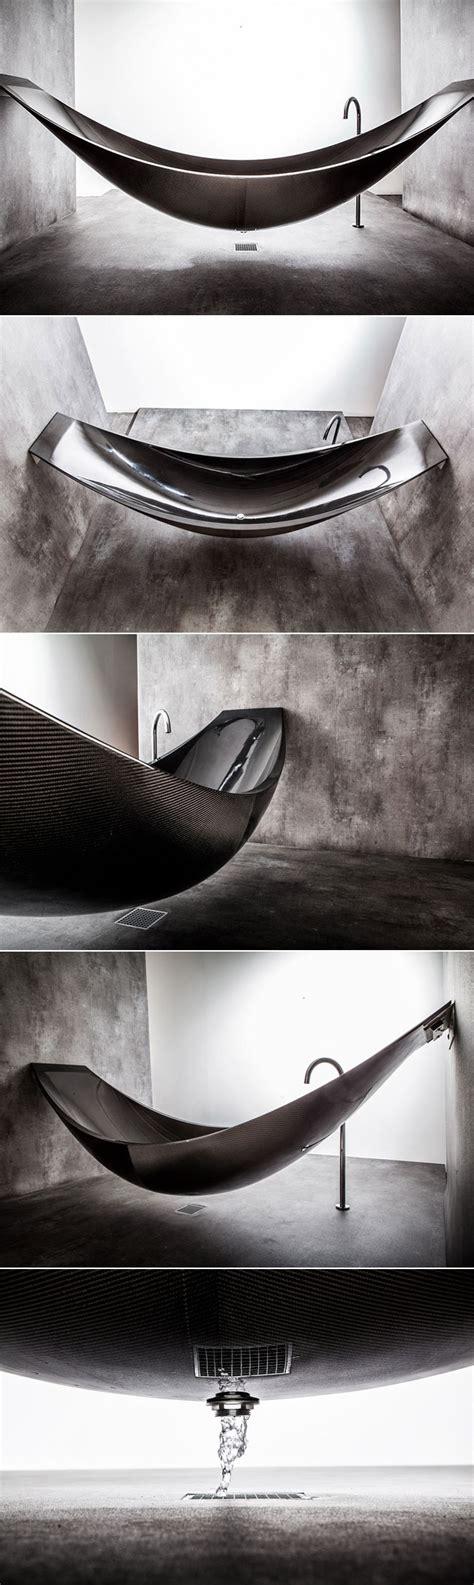 carbon fiber bathtub forget normal tubs the carbon fiber vessel hammock